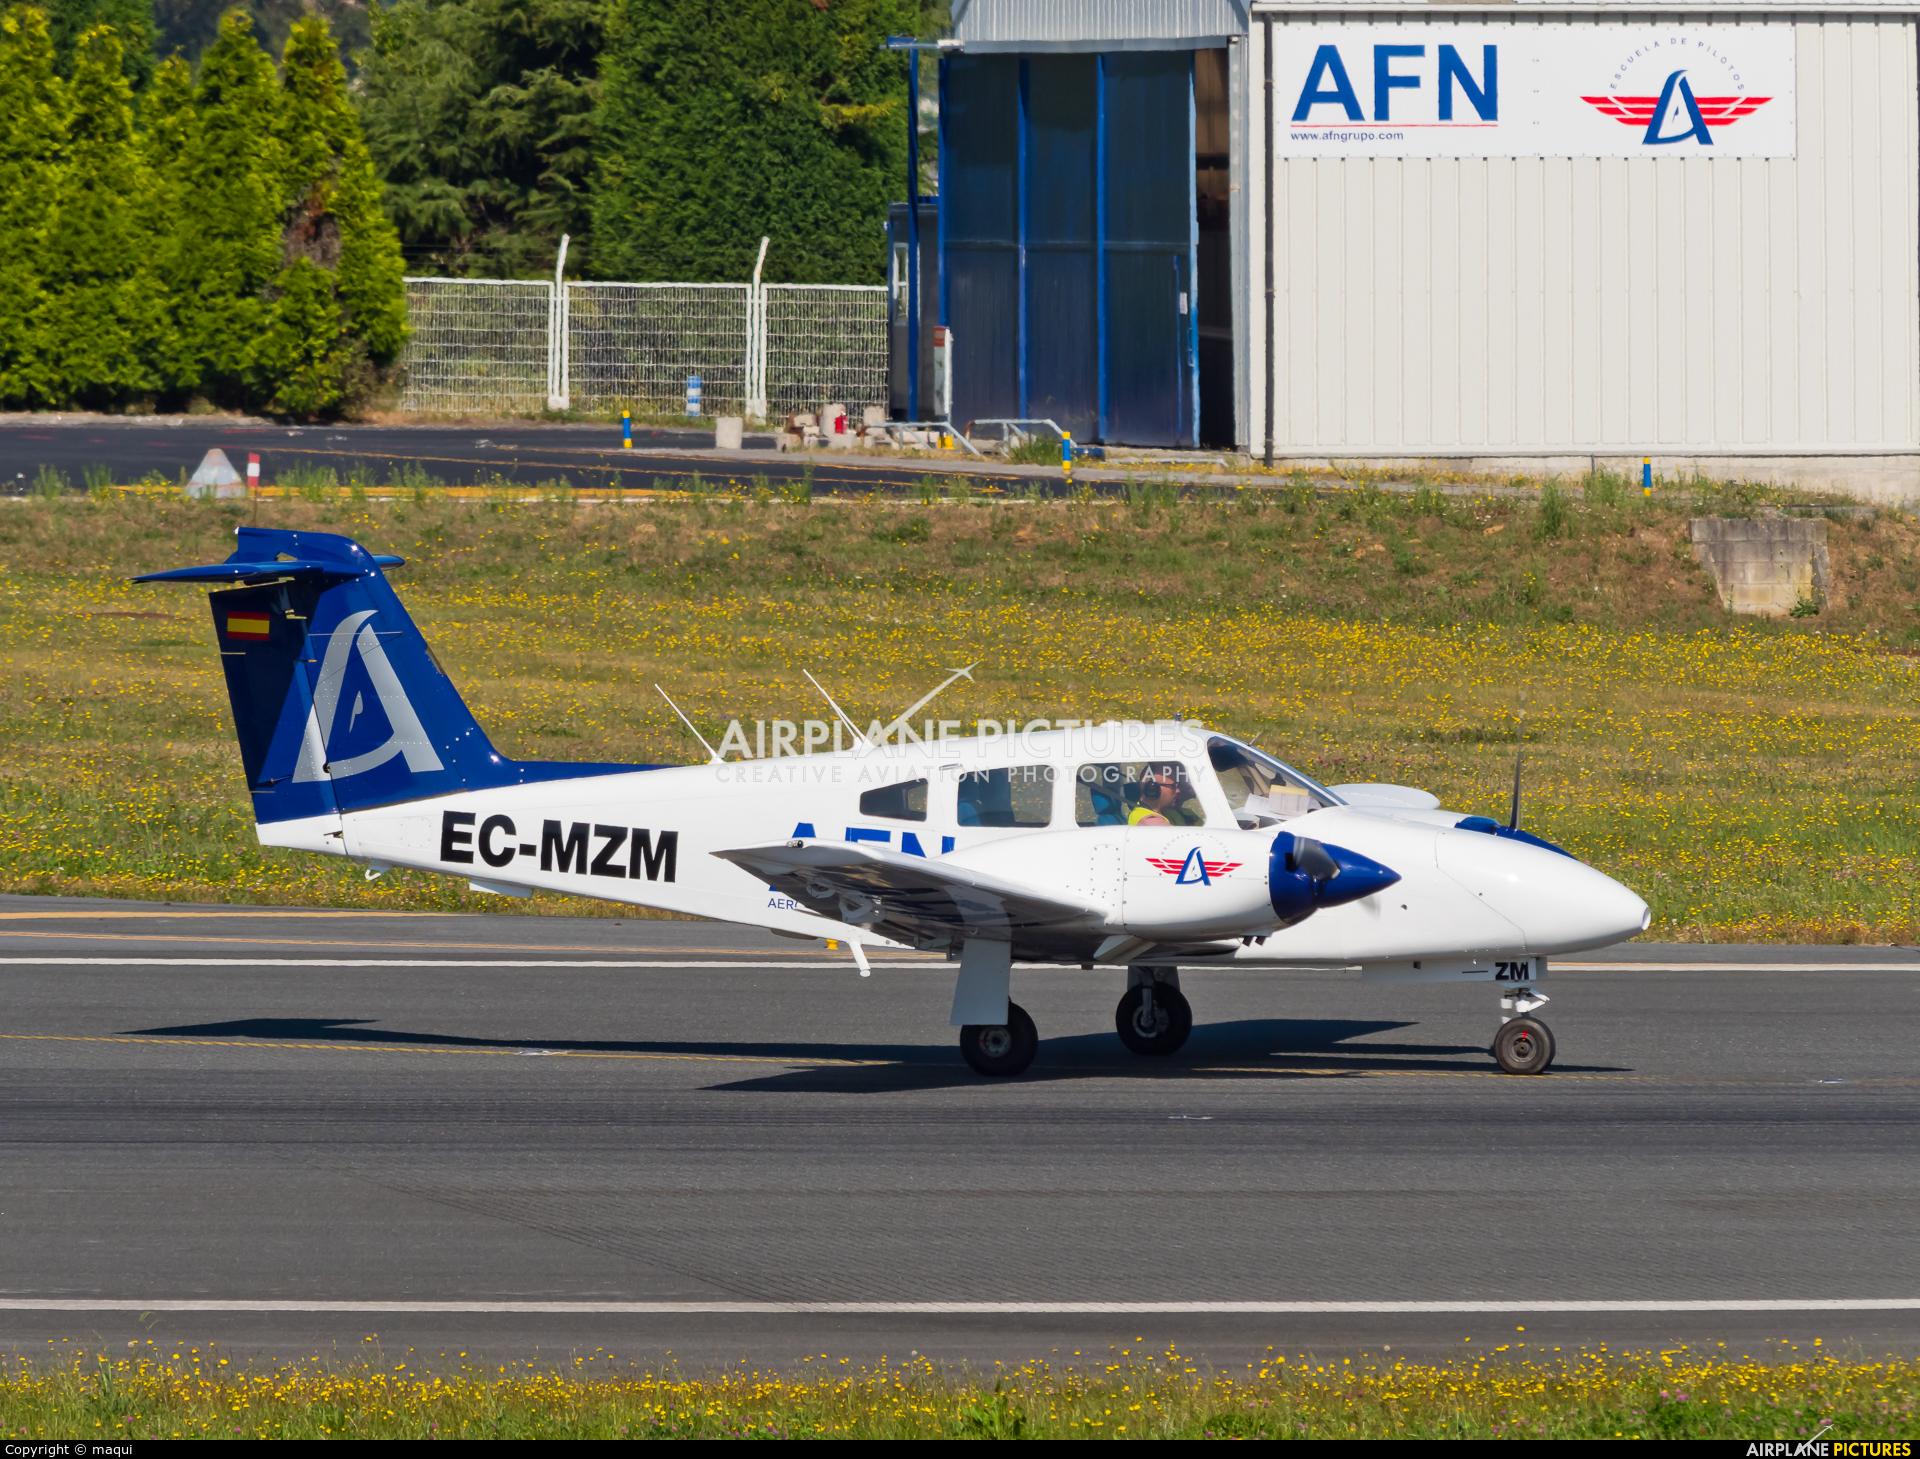 Aeroflota del Noroeste EC-MZM aircraft at La Coruña